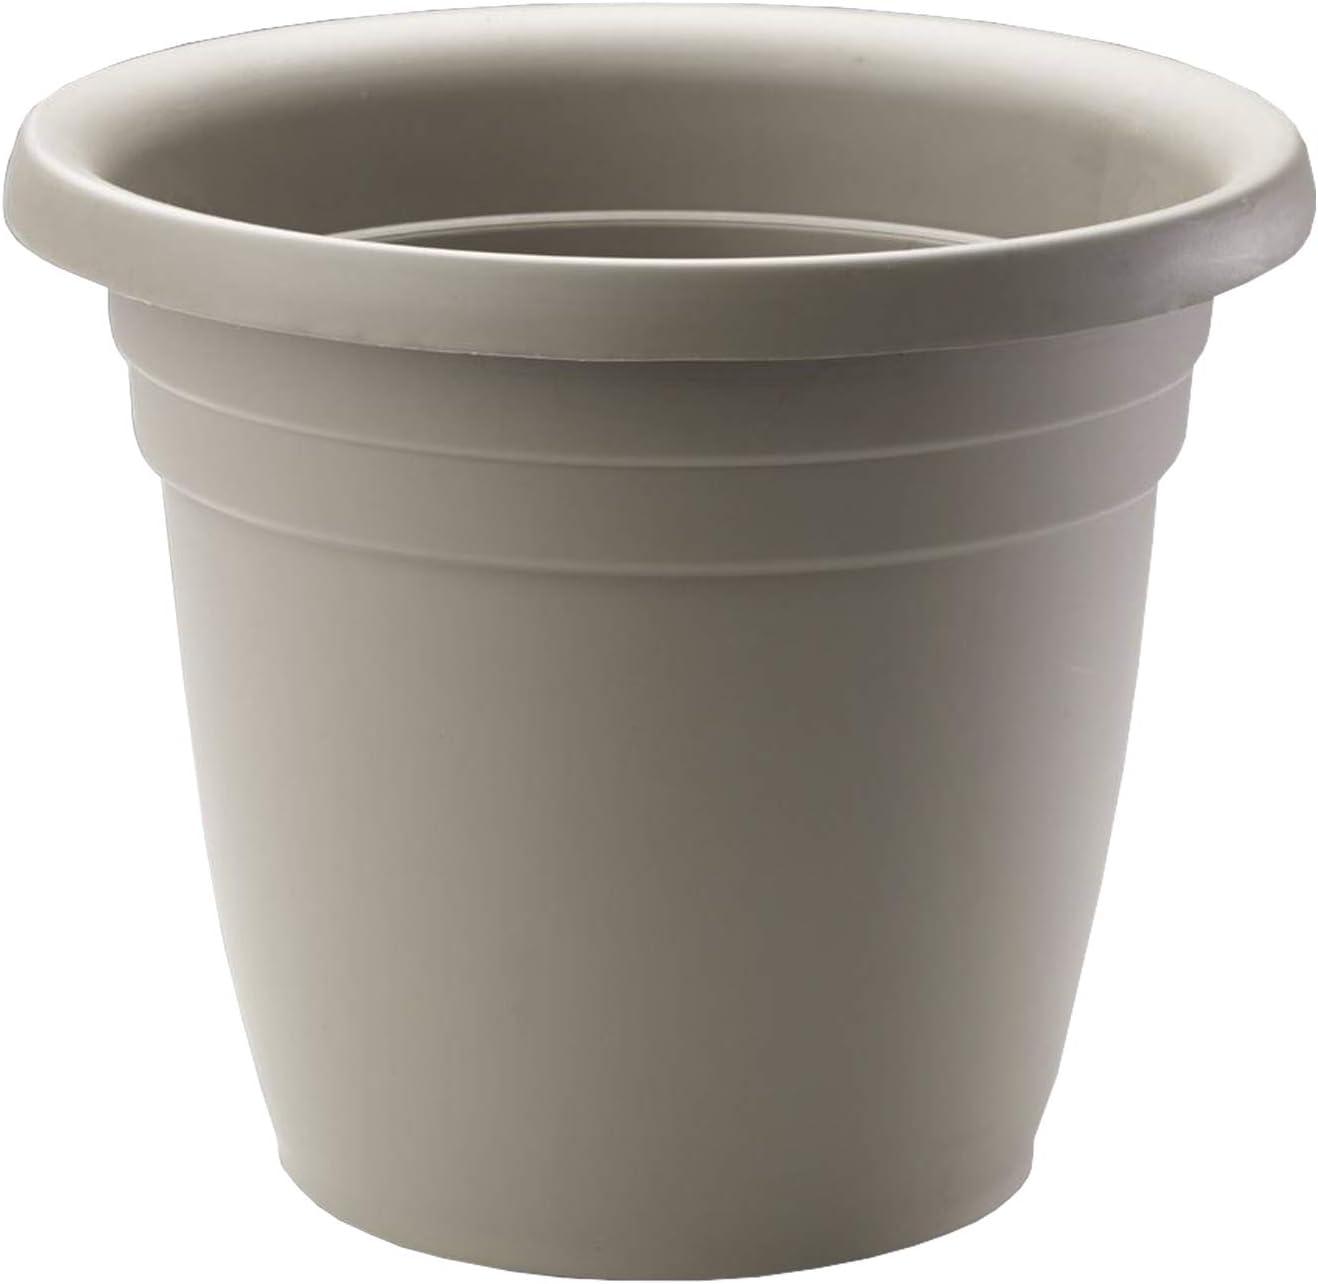 Crescent Too Emma Plant Pot, 14-Inch Cappuccino (Bag of 12)